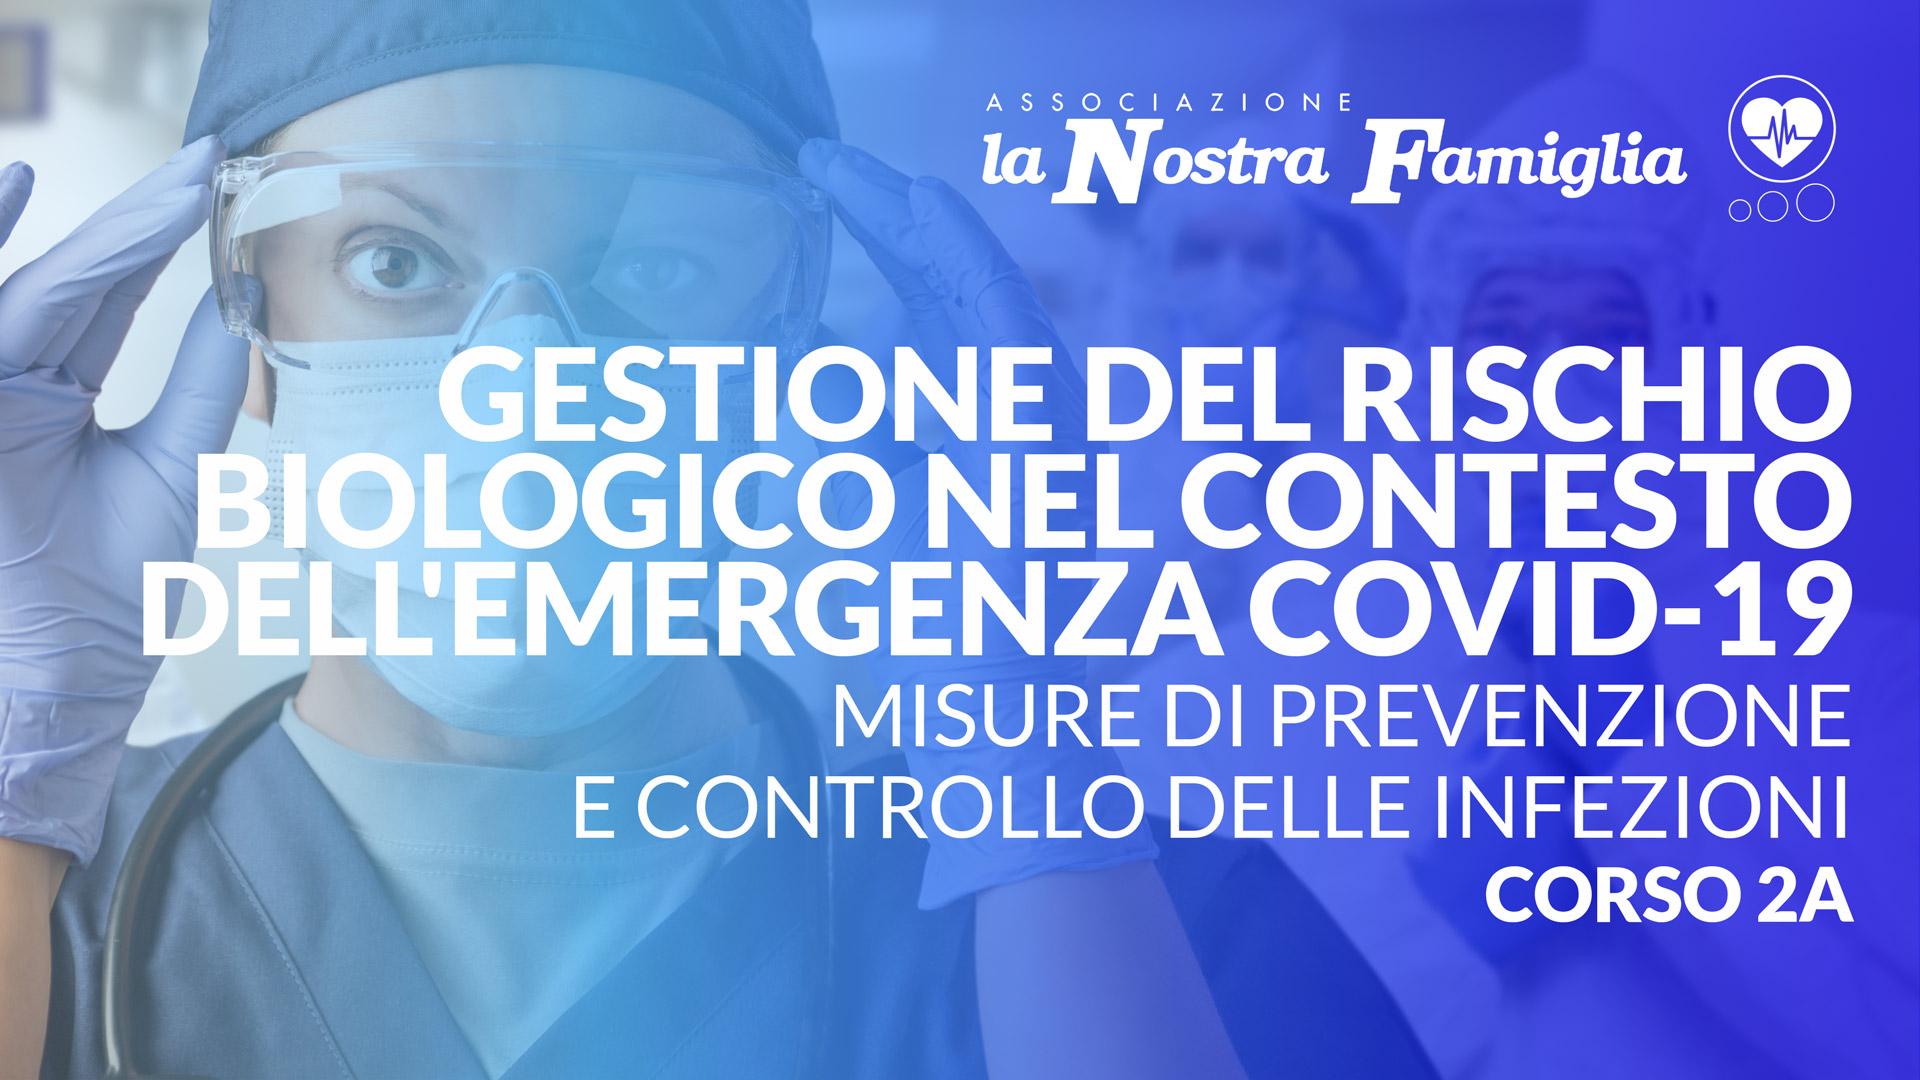 Gestione del rischio biologico nel contesto dell'emergenza COVID-19: Misure di prevenzione e controllo delle infezioni